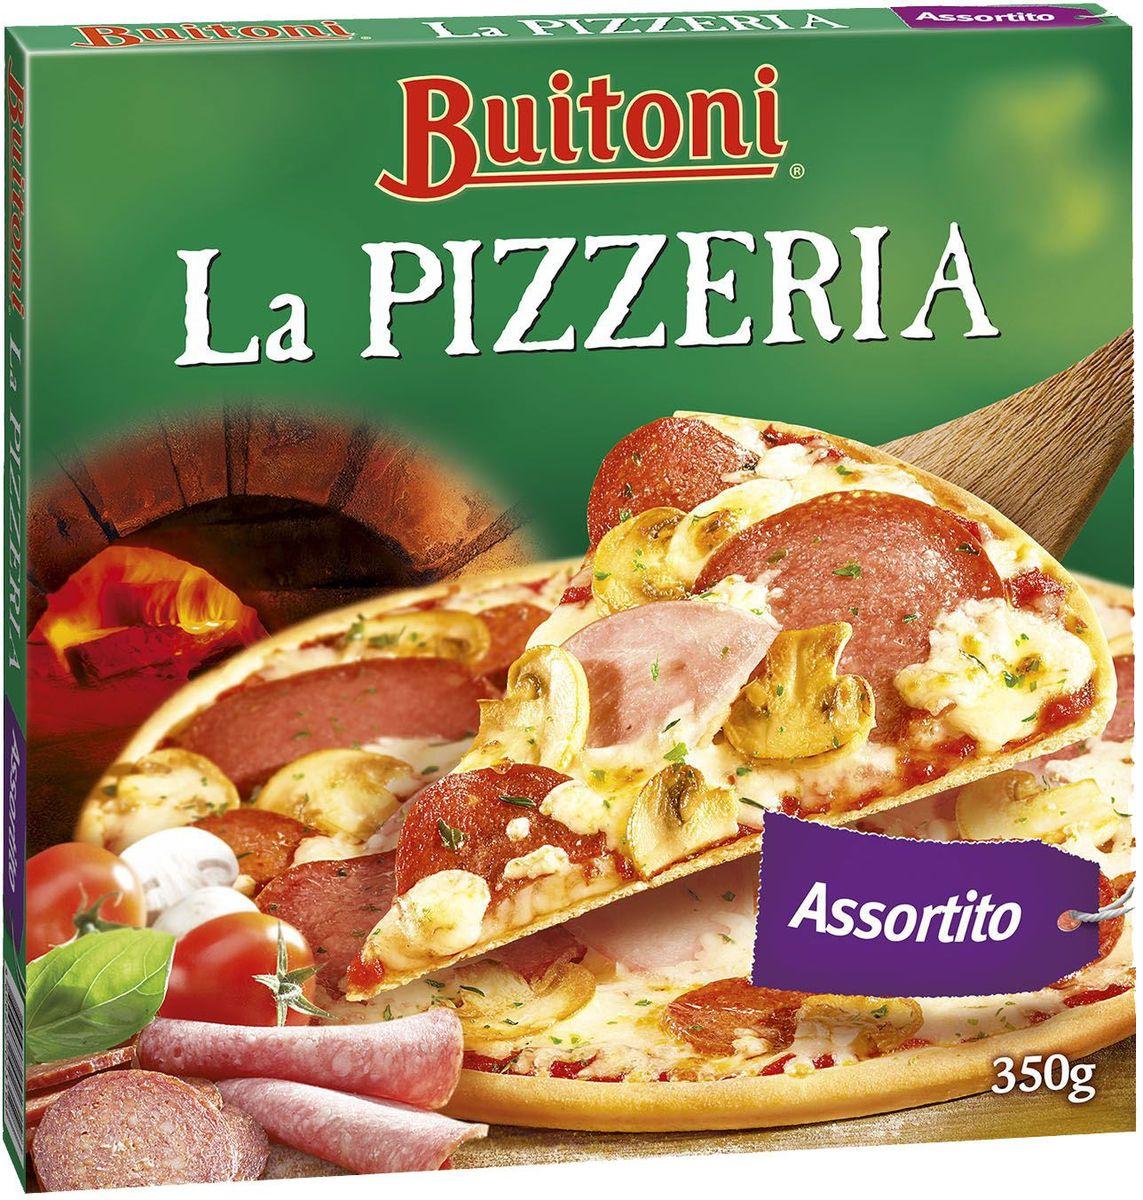 Buitoni La Pizzeria Ассорти, 350 г4606272023196Пицца Buitoni выпекается в настоящей каменной печи. Благодаря равномерному жару, исходящему от природного камня, пицца становится более тонкой, хрустящей и вкусной. Секрет пиццы Buitoni заключается в комбинации свежих натуральных ингредиентов - томатов, созревающих на жарком солнце, лучших сортов сыра и ароматных специй.Пищевая ценность в 100 г: белки 10,2 г, углеводы 24,2 г, жиры 10,7 г.Энергетическая ценность (на 100 г): 238 ккал.